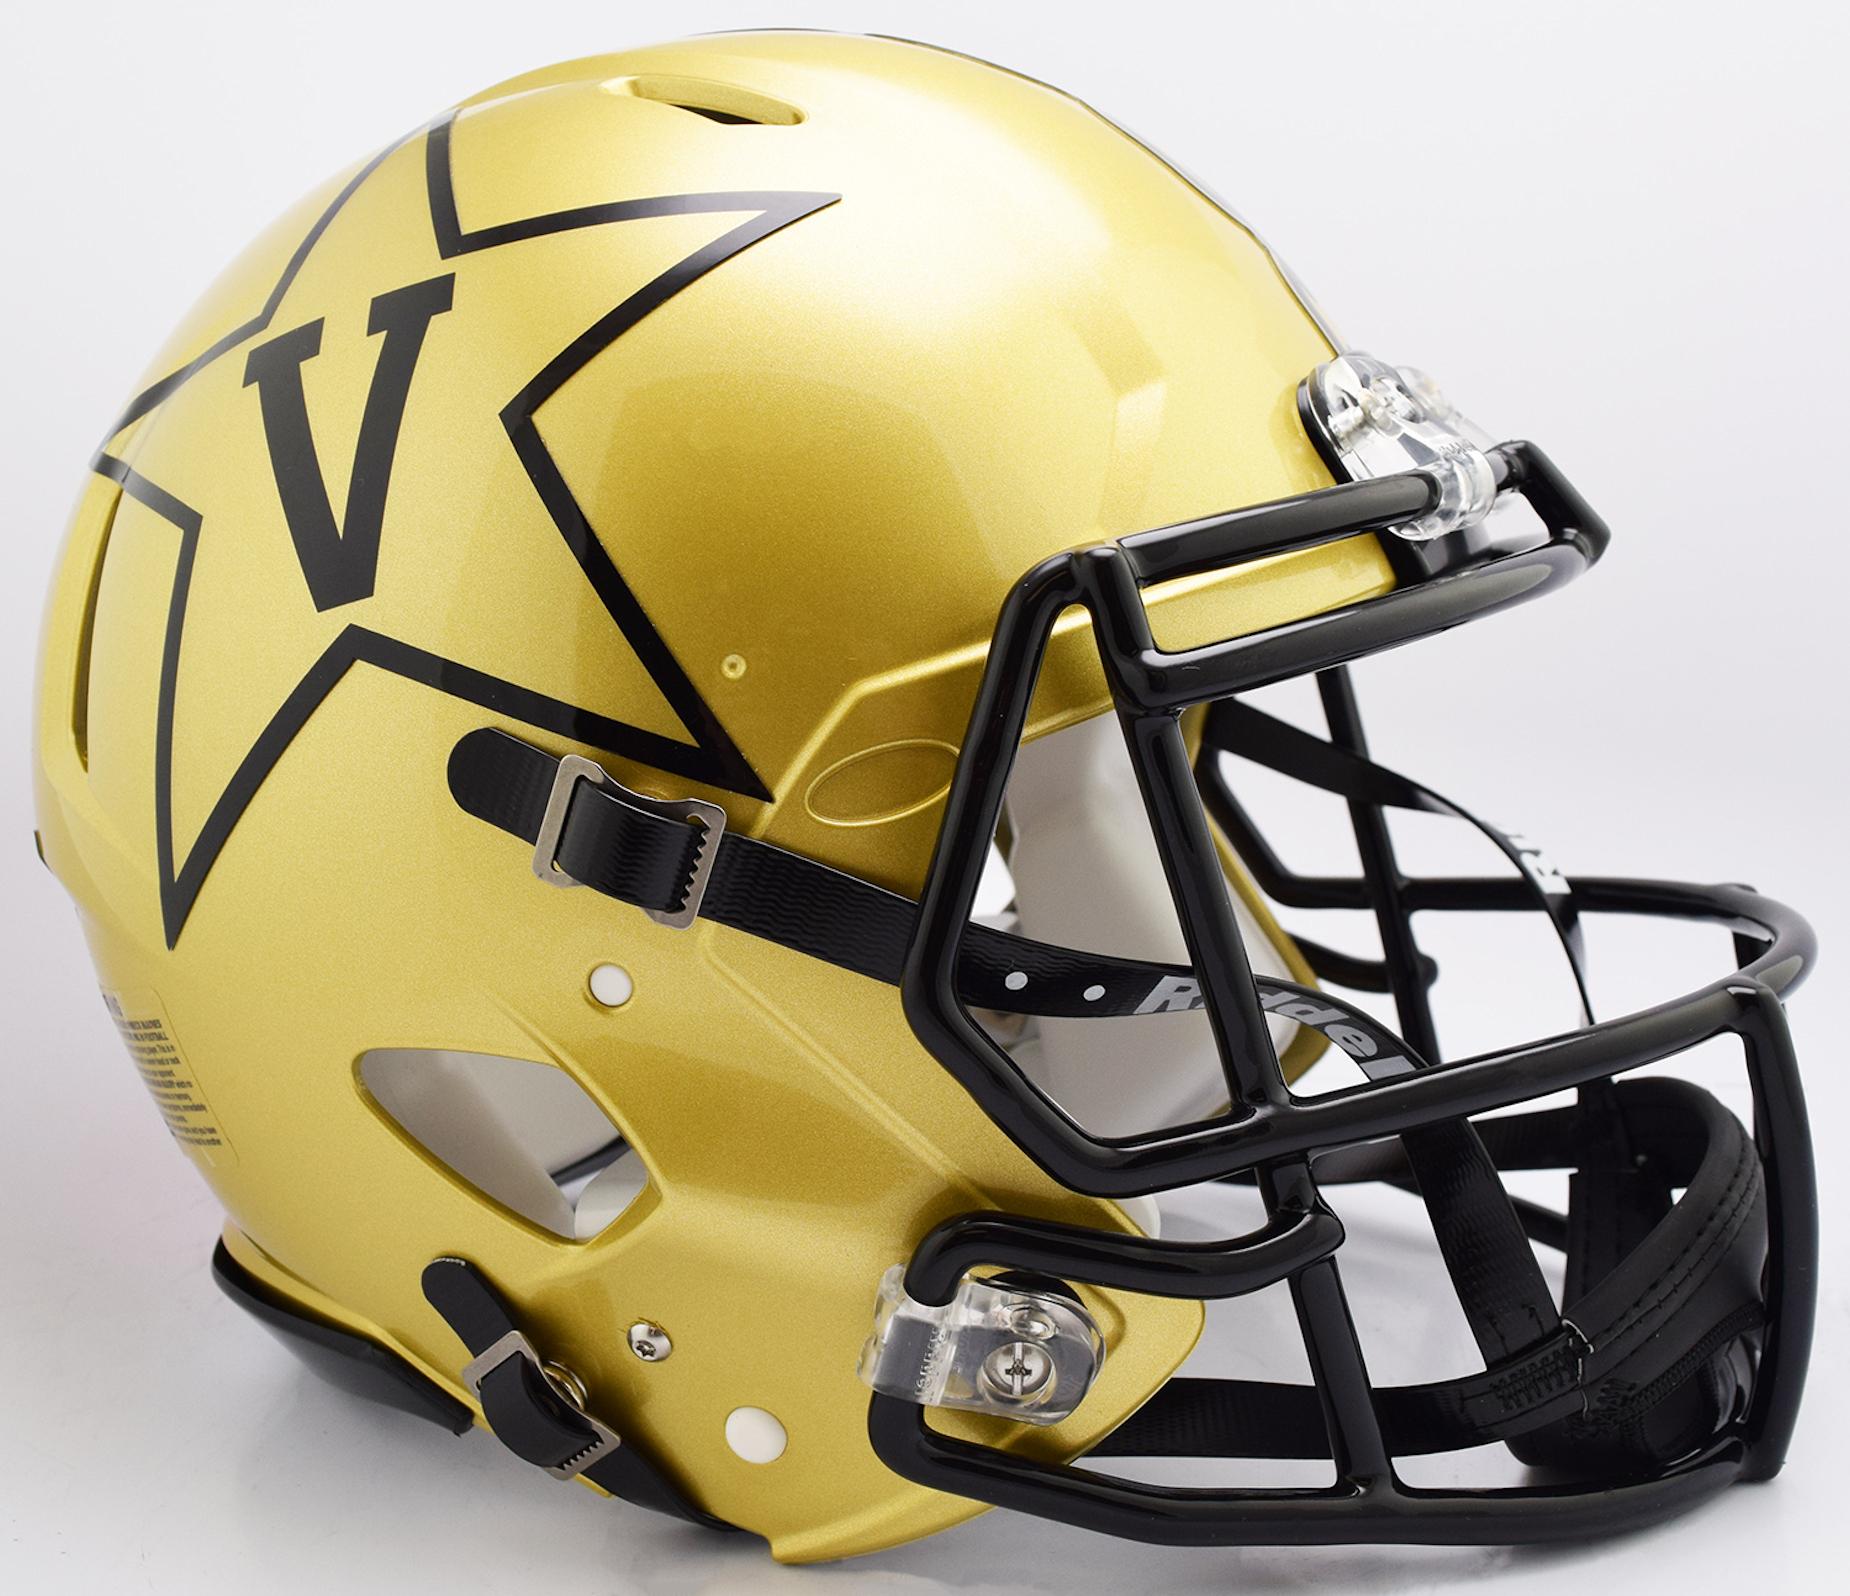 Vanderbilt Commodores Speed Football Helmet <B>GOLD NEW 2018</B>